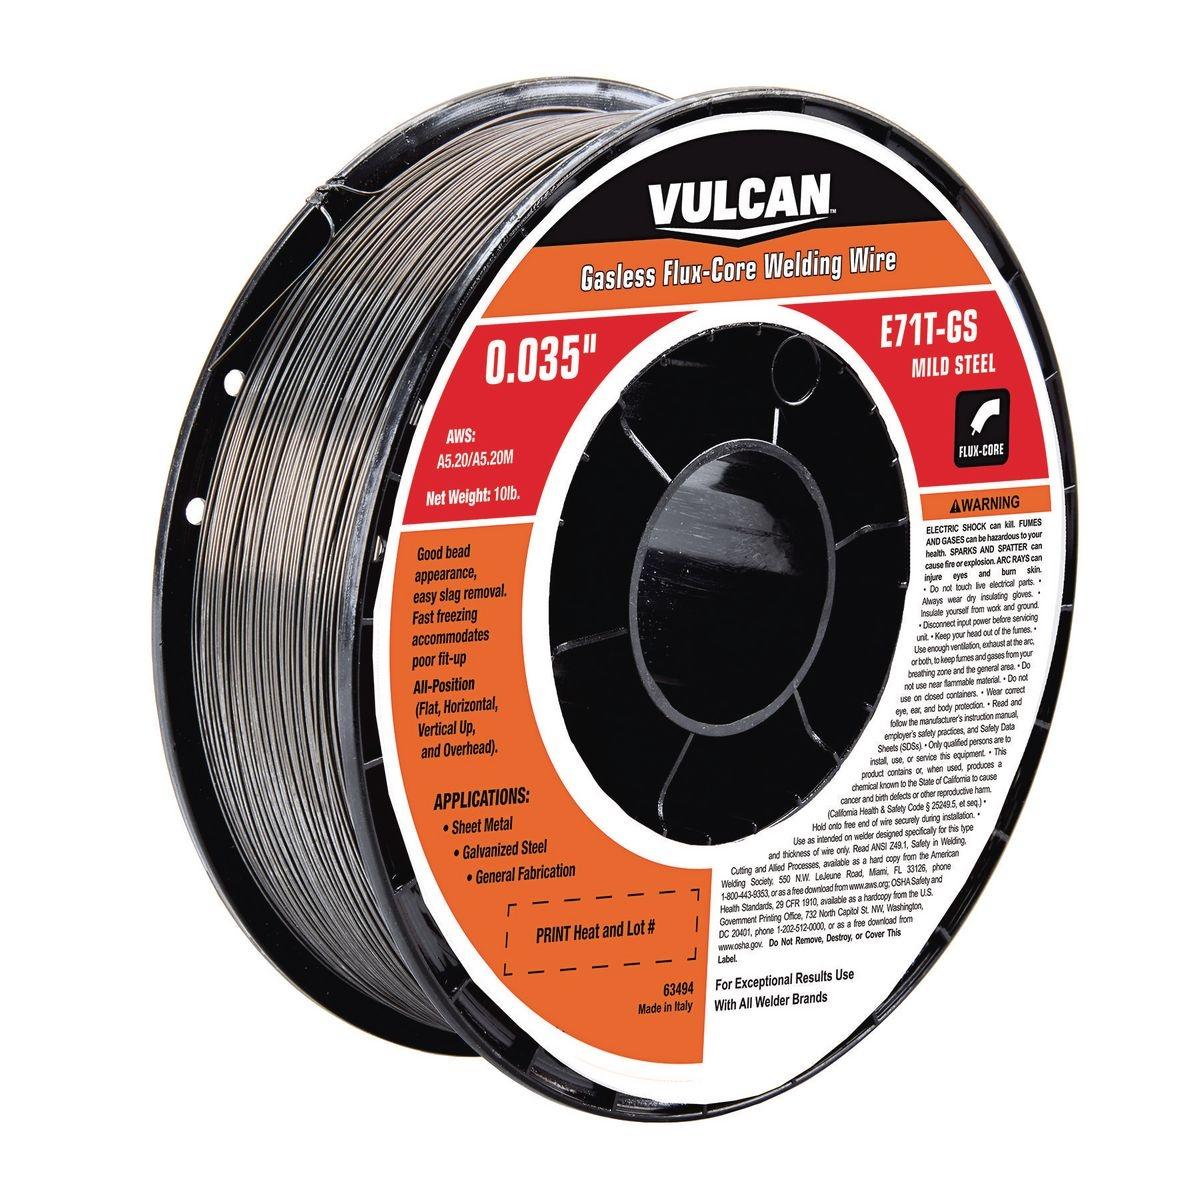 Flux Core Welding Wire >> 0.035 in. E71T-GS Flux Core Welding Wire, 10.00 lbs. Roll